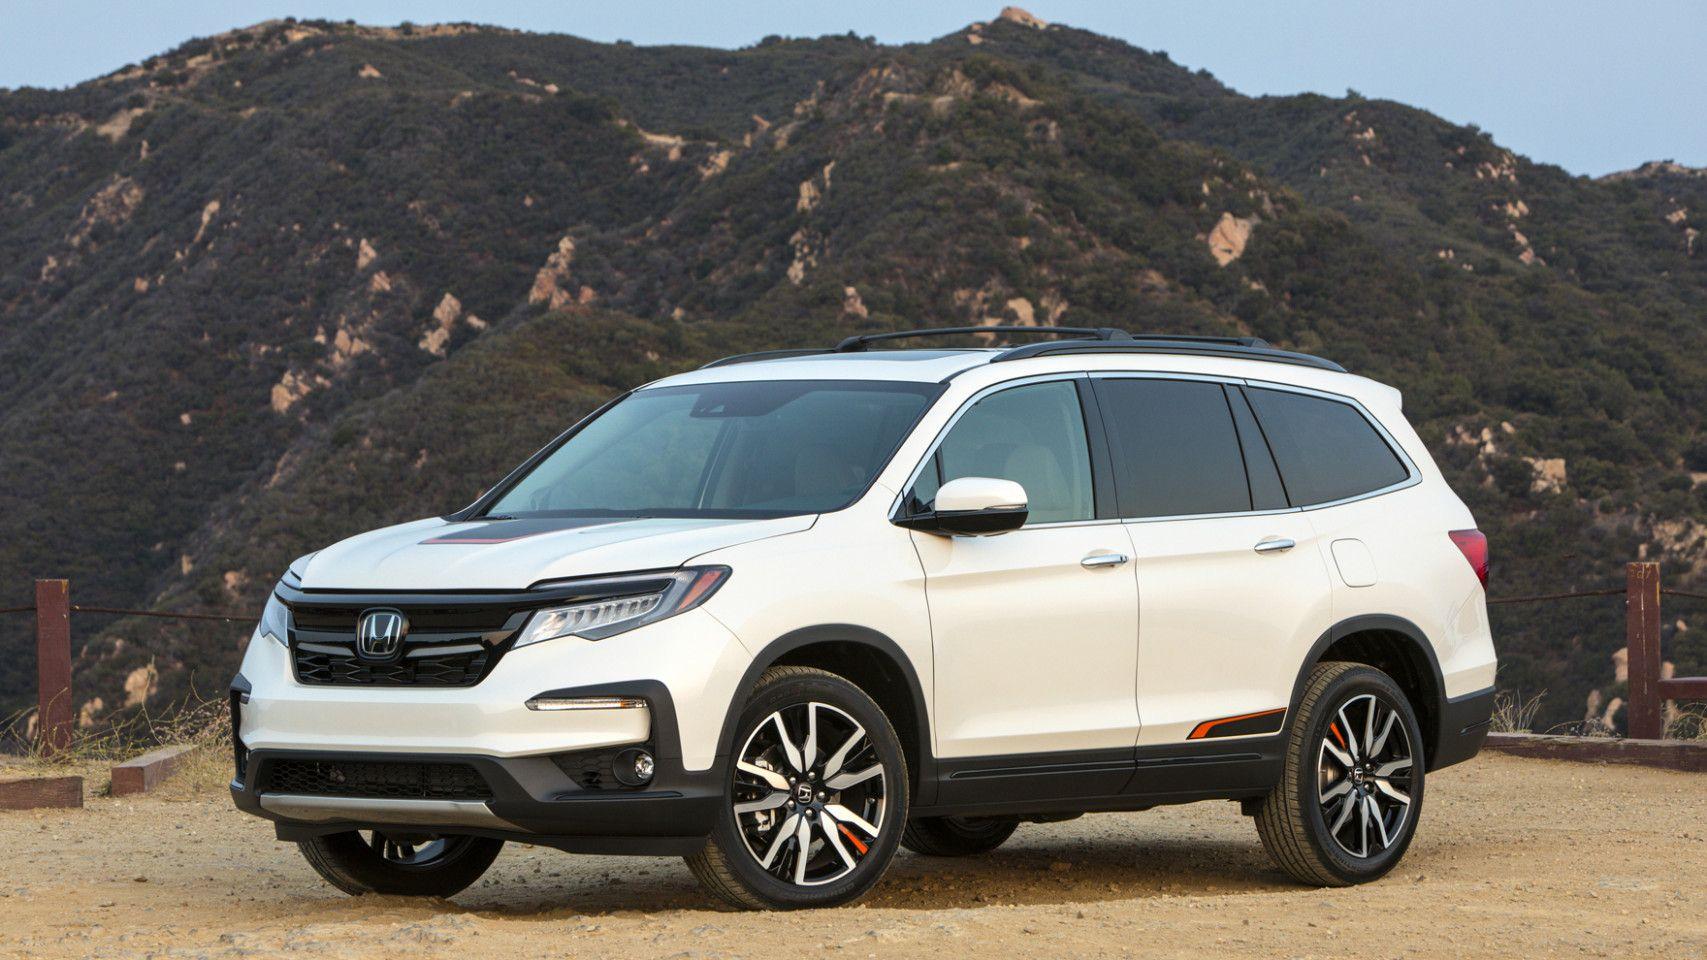 8 Honda Elite Rumors In 2020 Honda Pilot Honda Pilot Reviews Fuel Economy